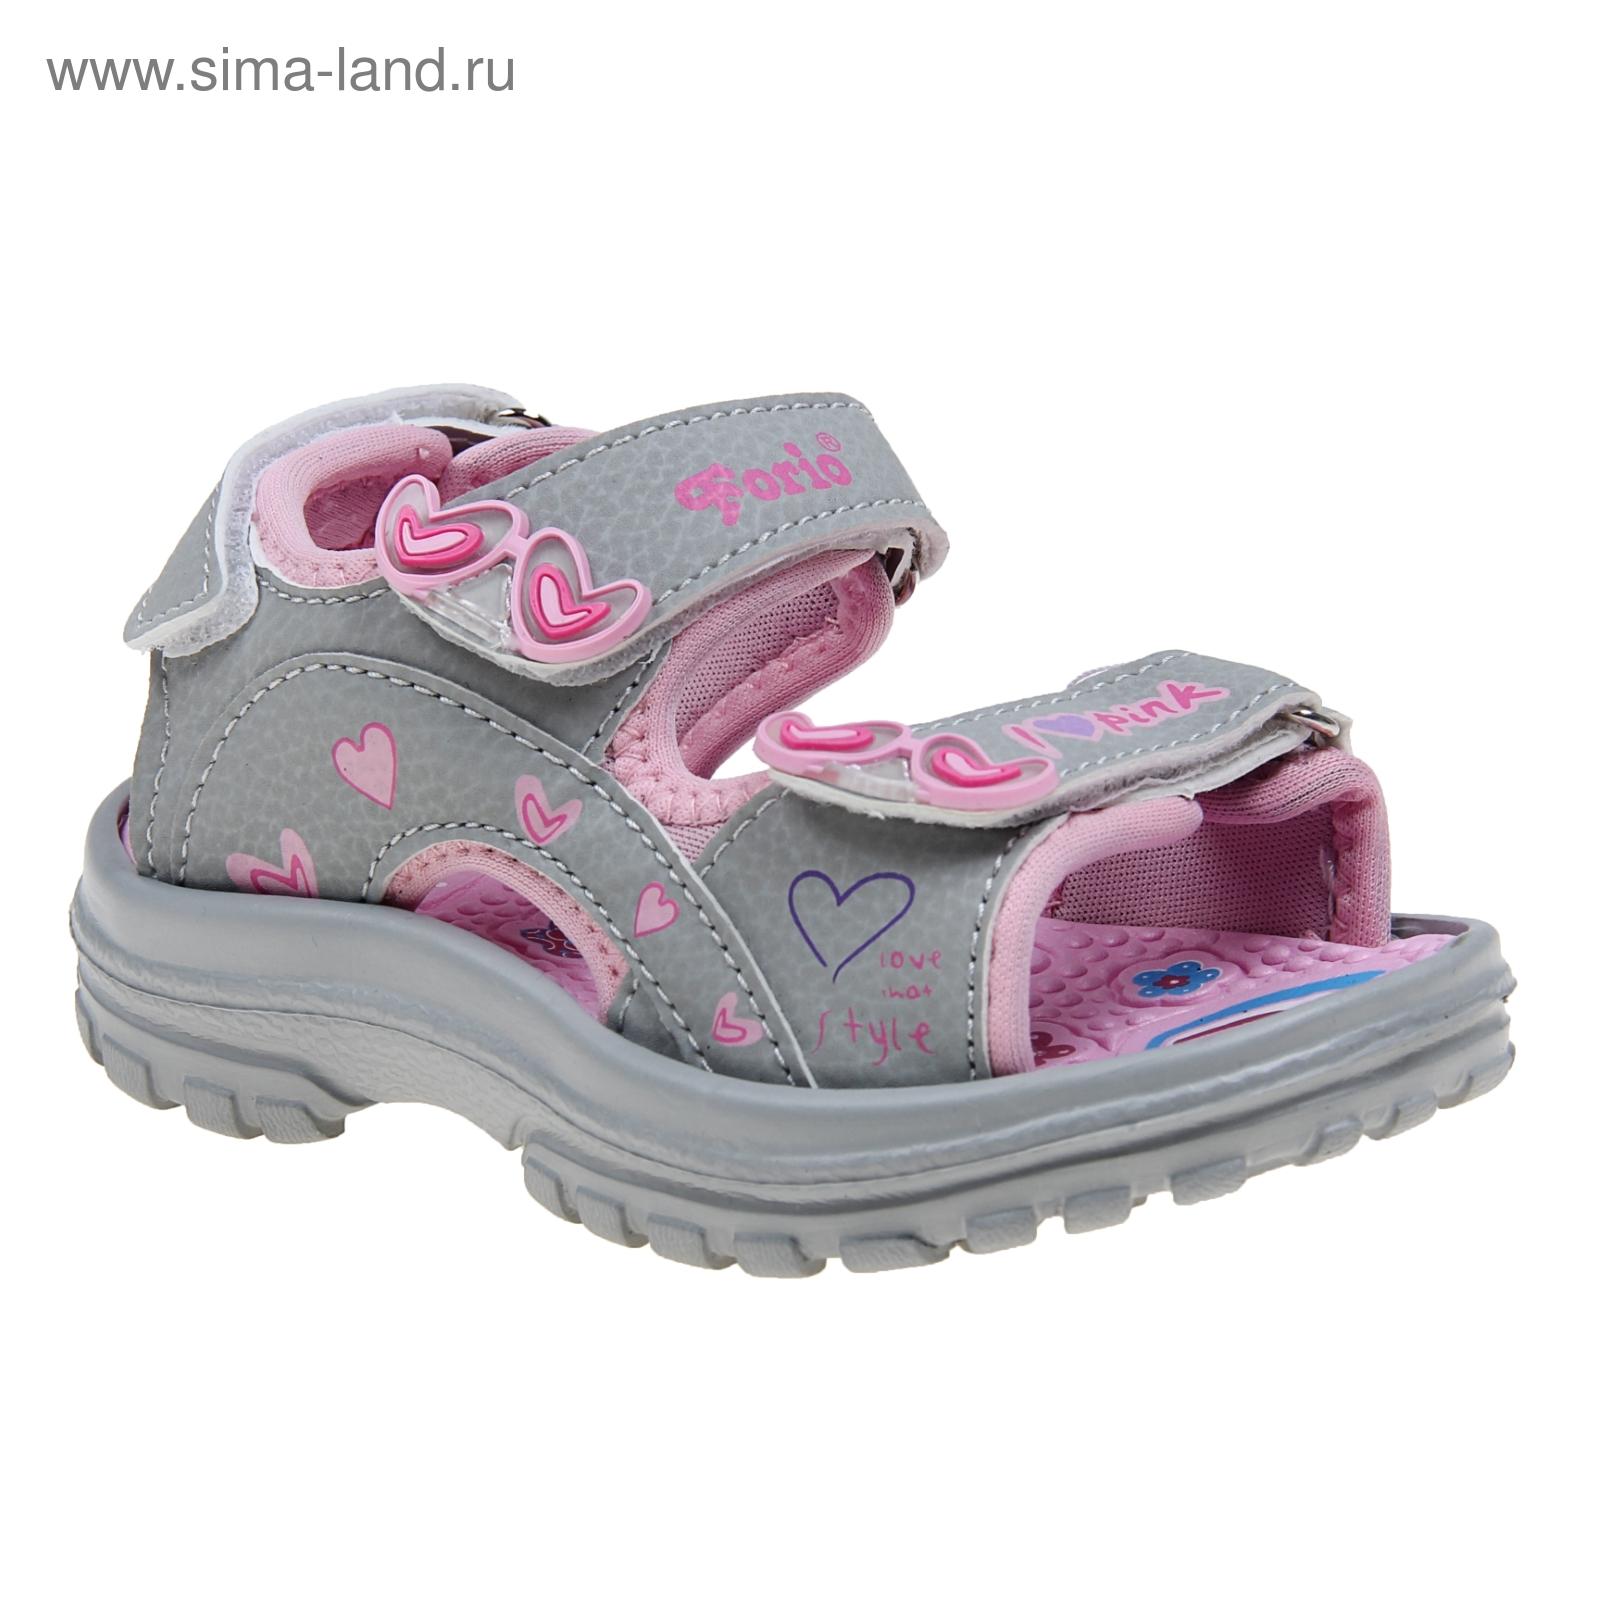 055a5d67f Туфли пляжные детские Forio арт. 256-5603 (серый) (р. 24) (1320062 ...